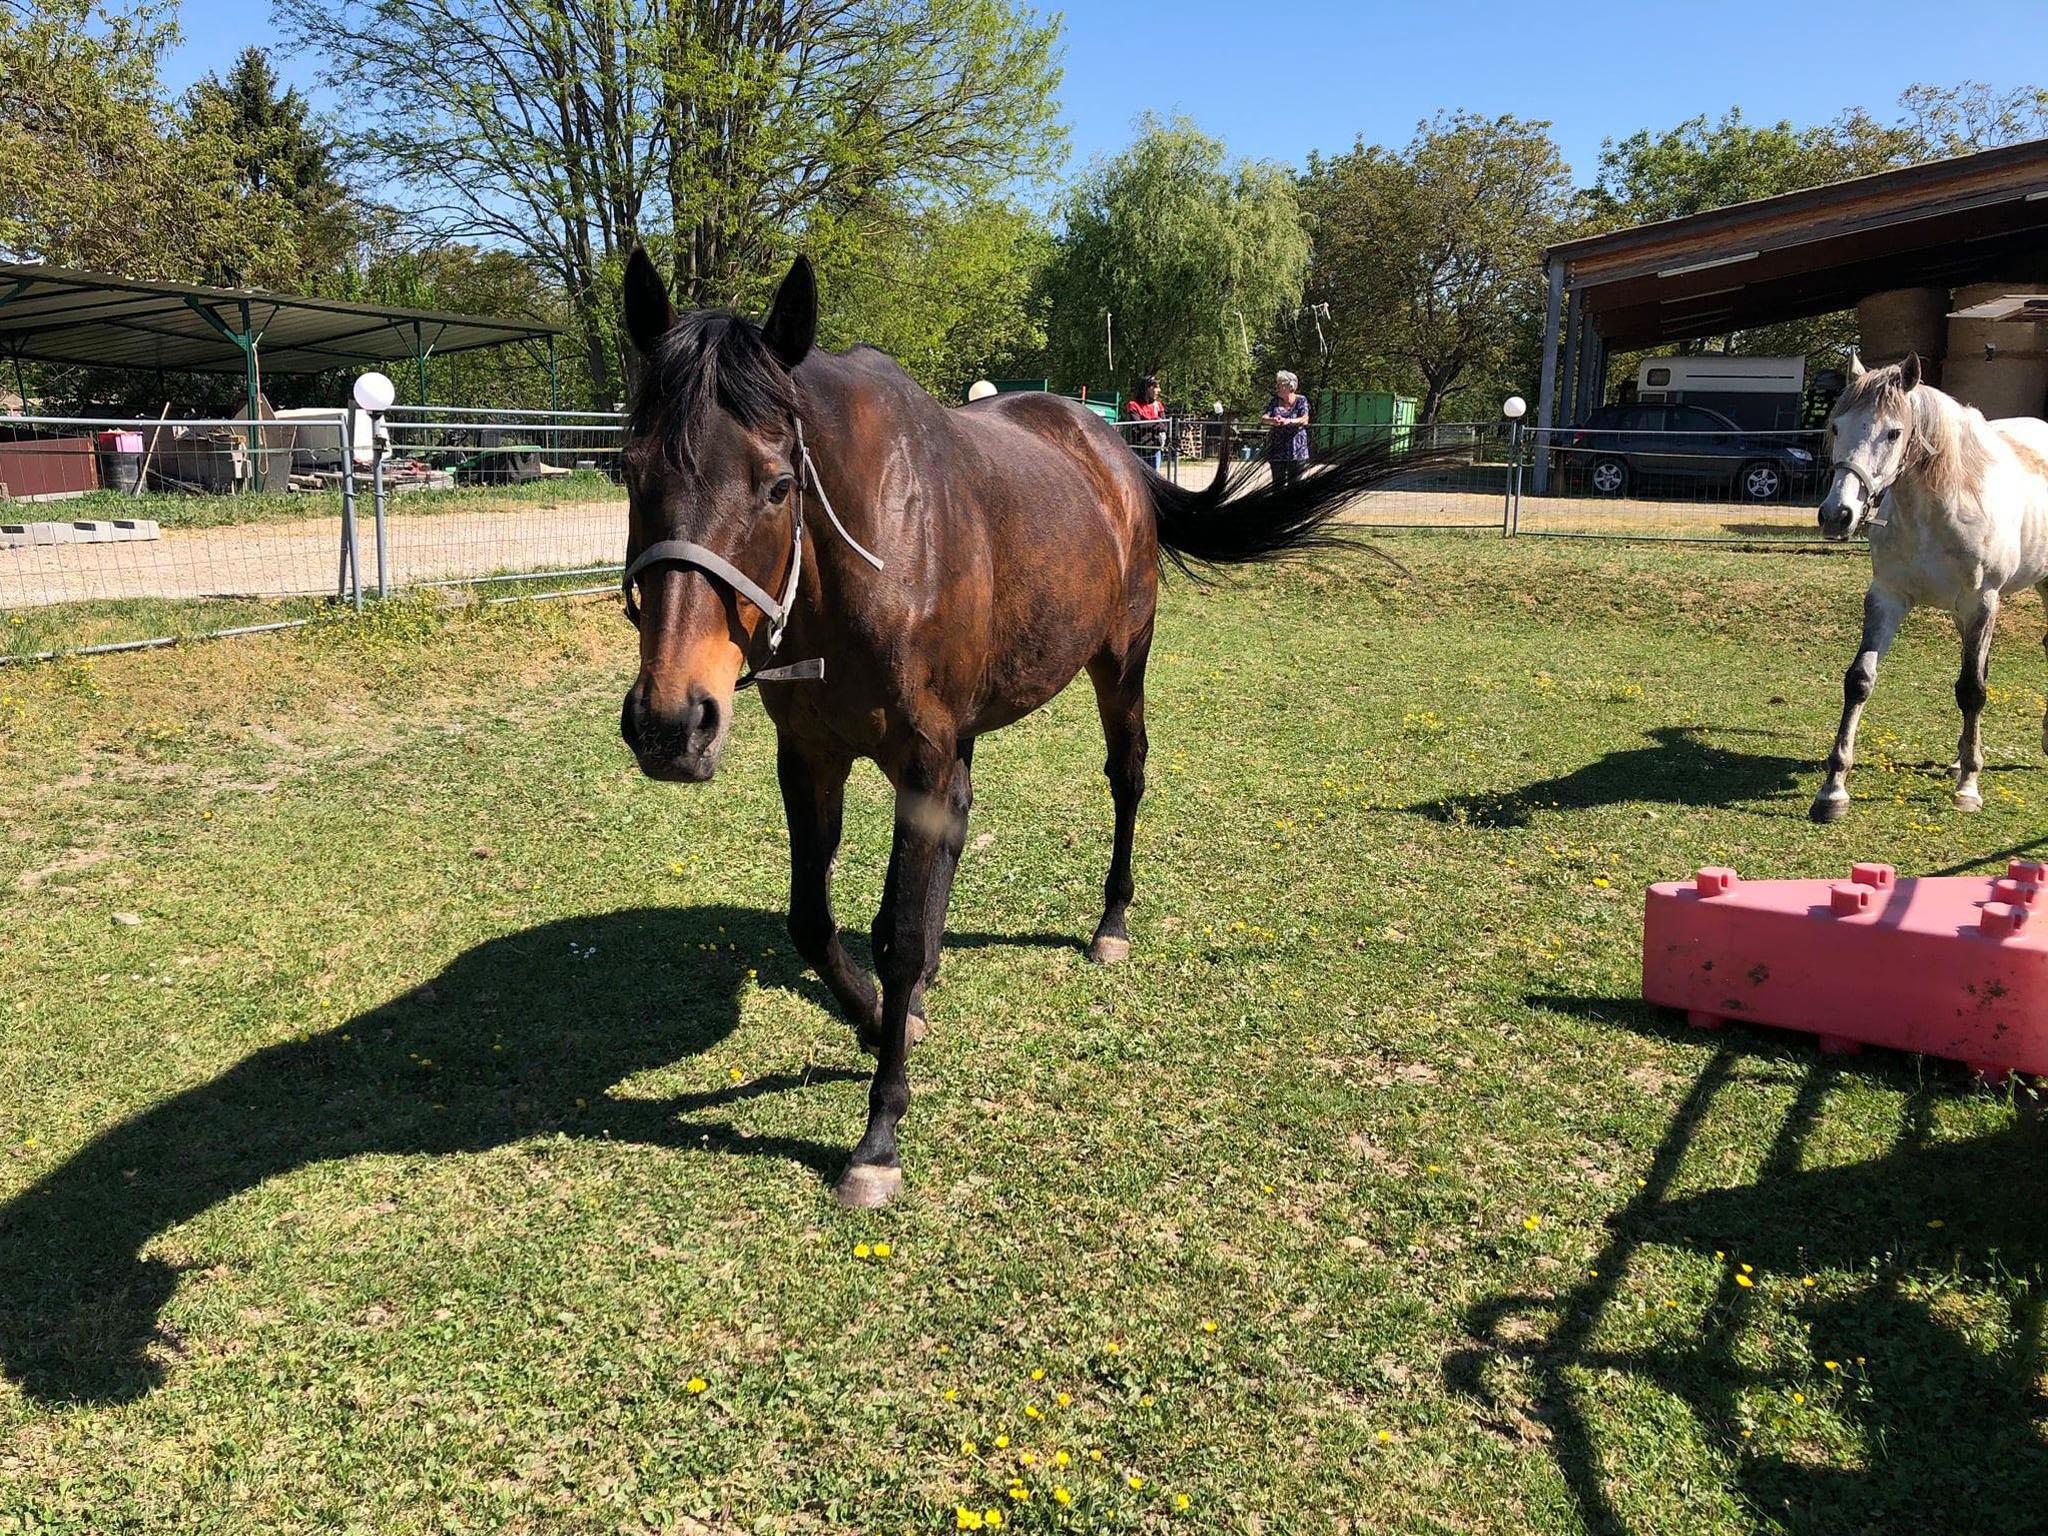 chevaux-pres-don-association-les-amis-du-cheval-strasbourg